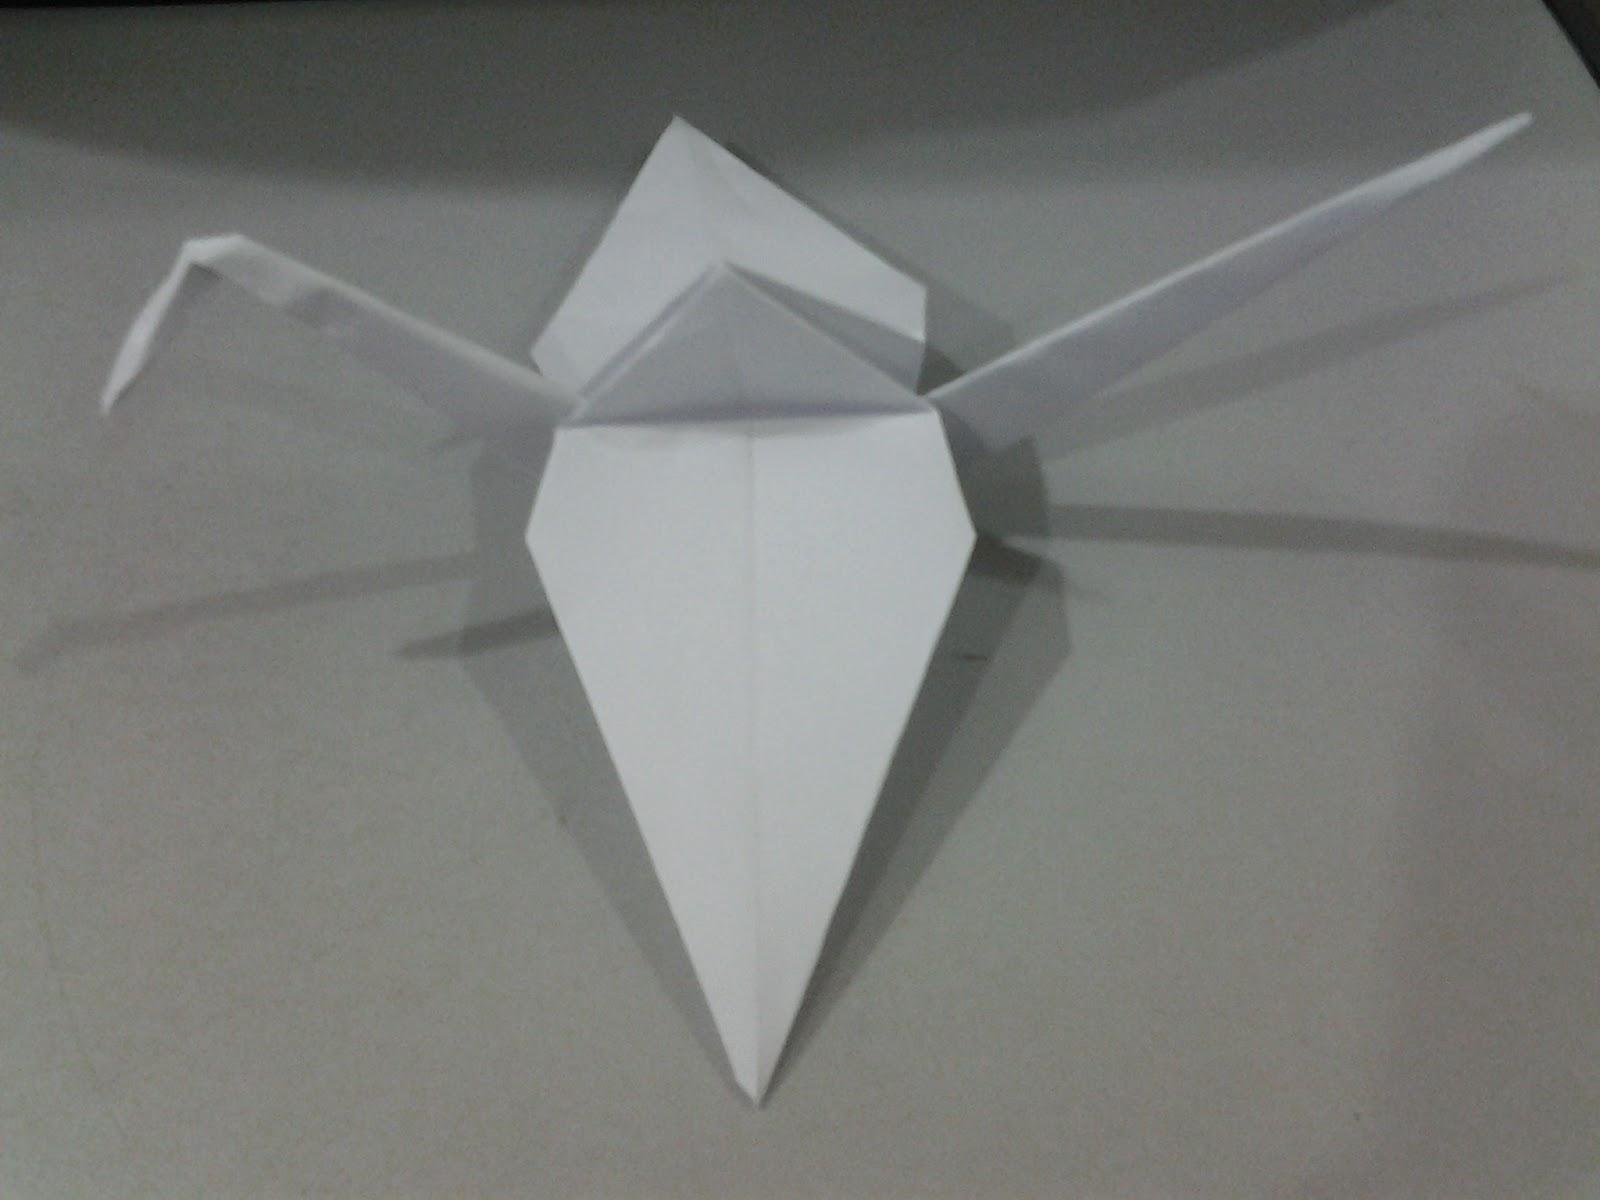 Berkongsi Apa Sahaja: Origami